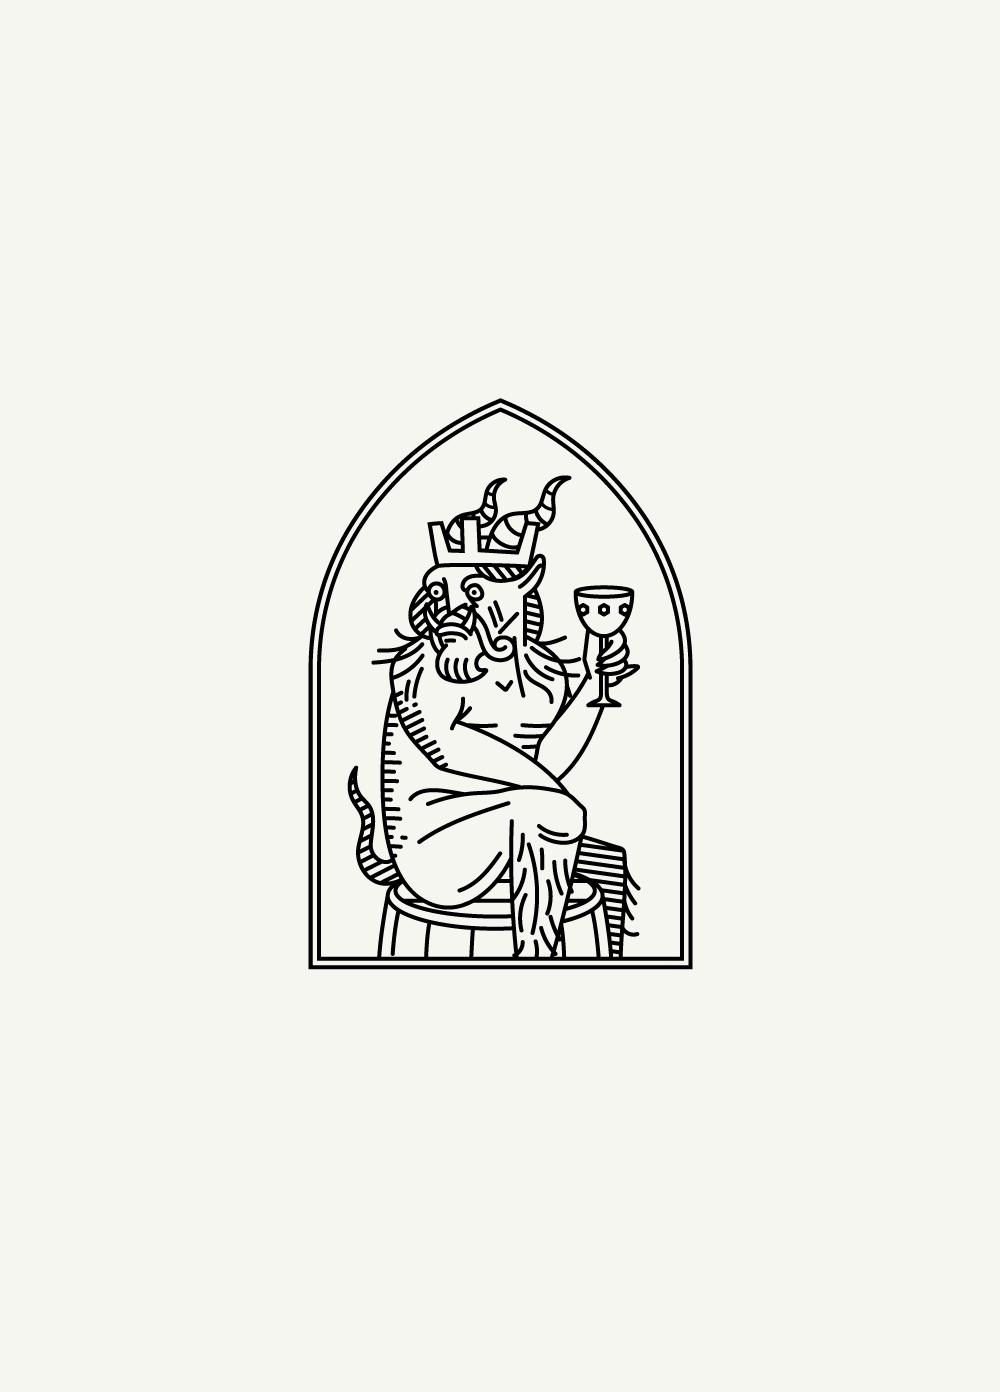 Edmund's Oast Brewing Co. (Unused)